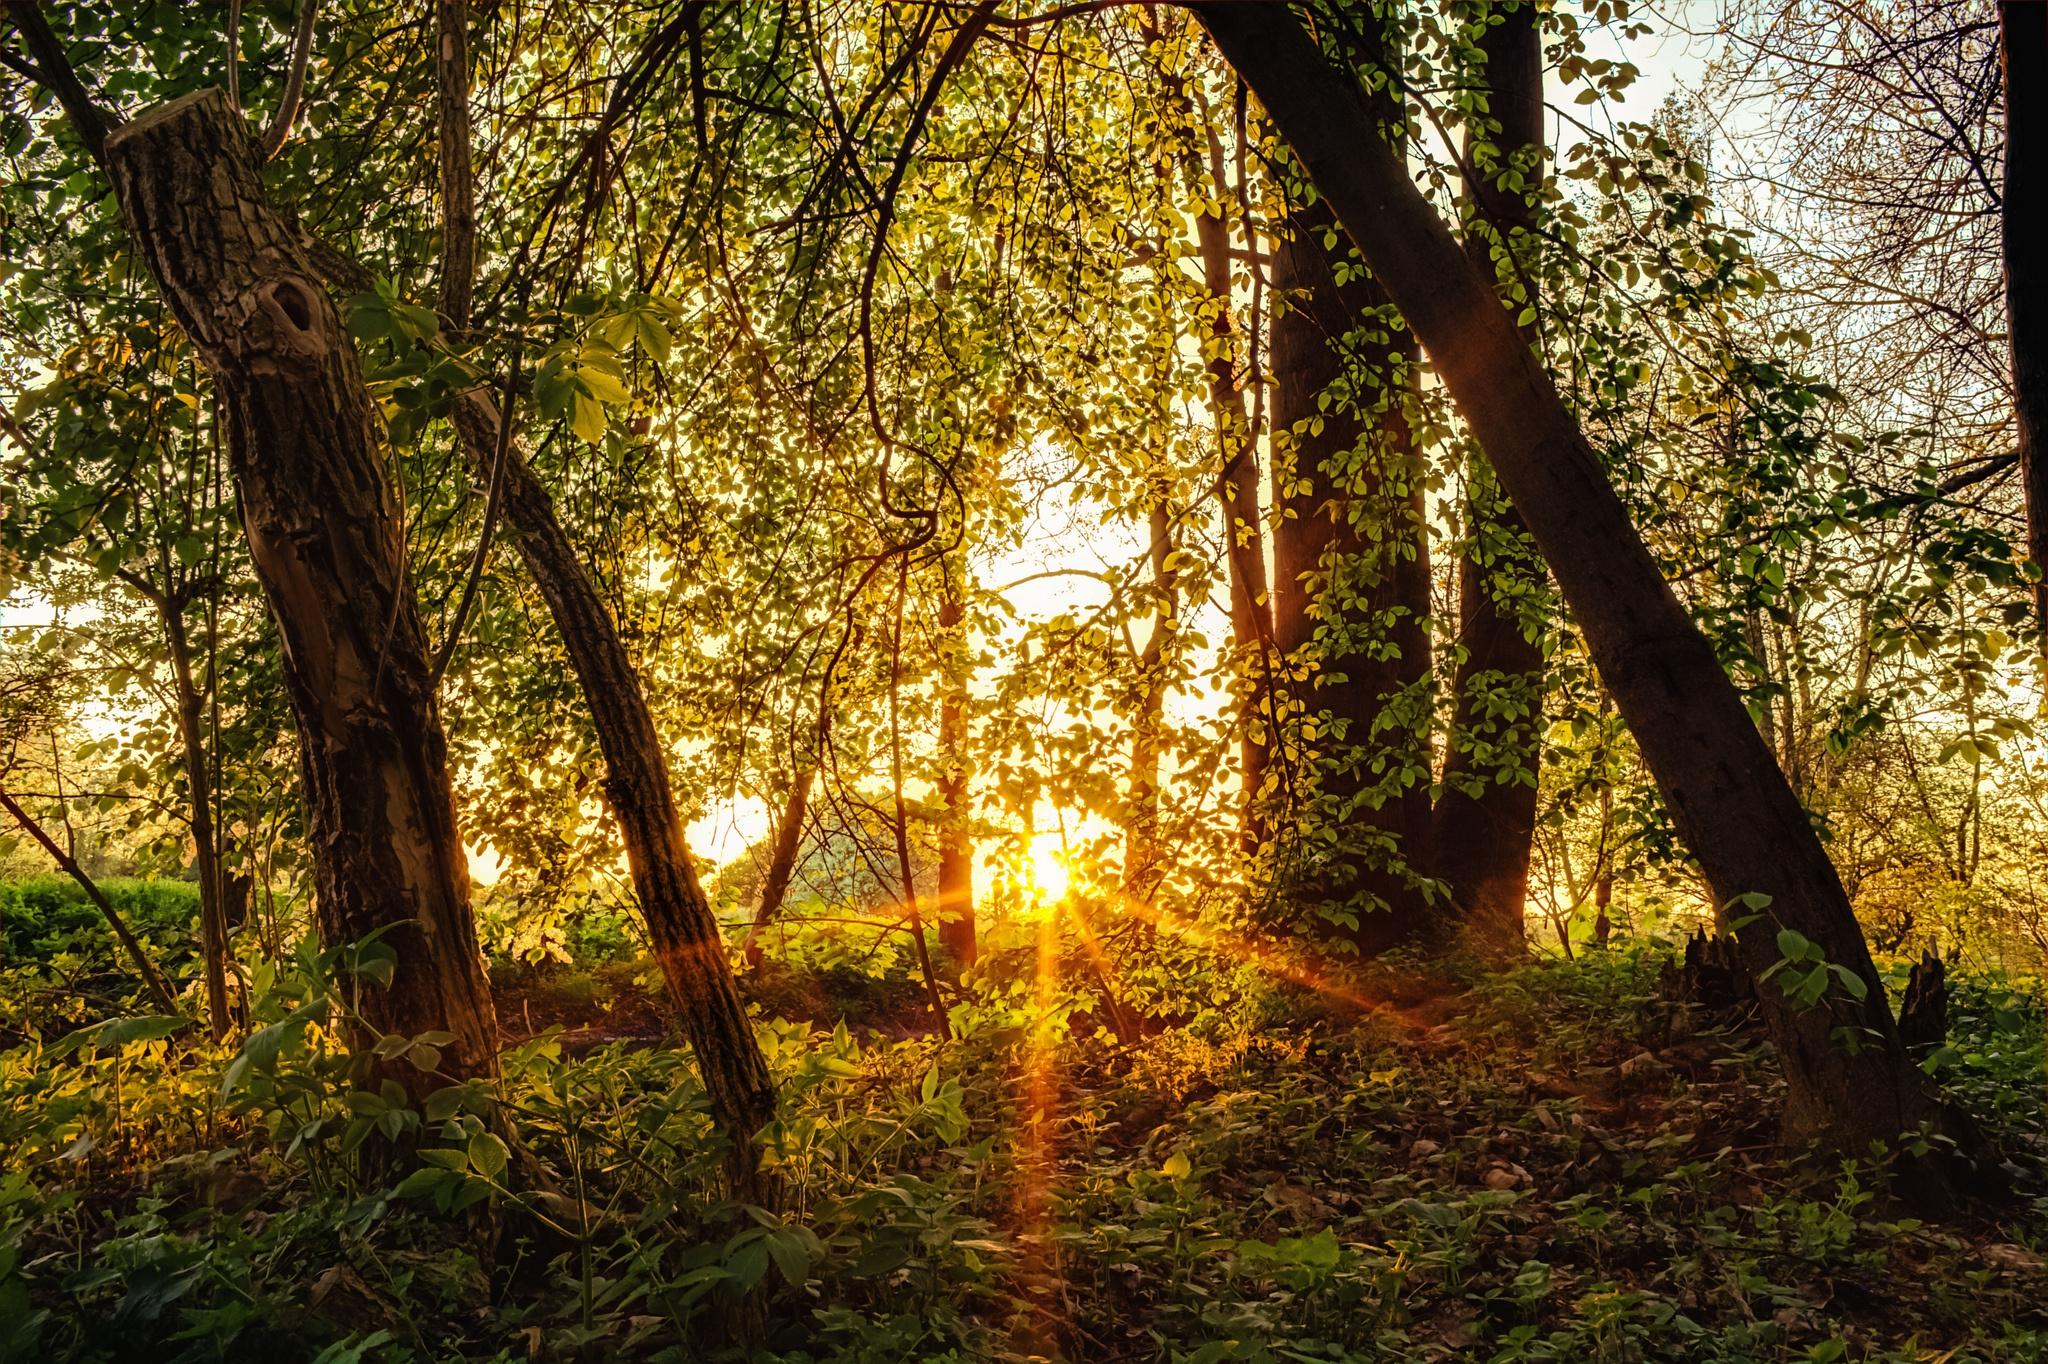 119368壁紙のダウンロード自然, 森林, 森, 木, ビーム, 光線, サン-スクリーンセーバーと写真を無料で